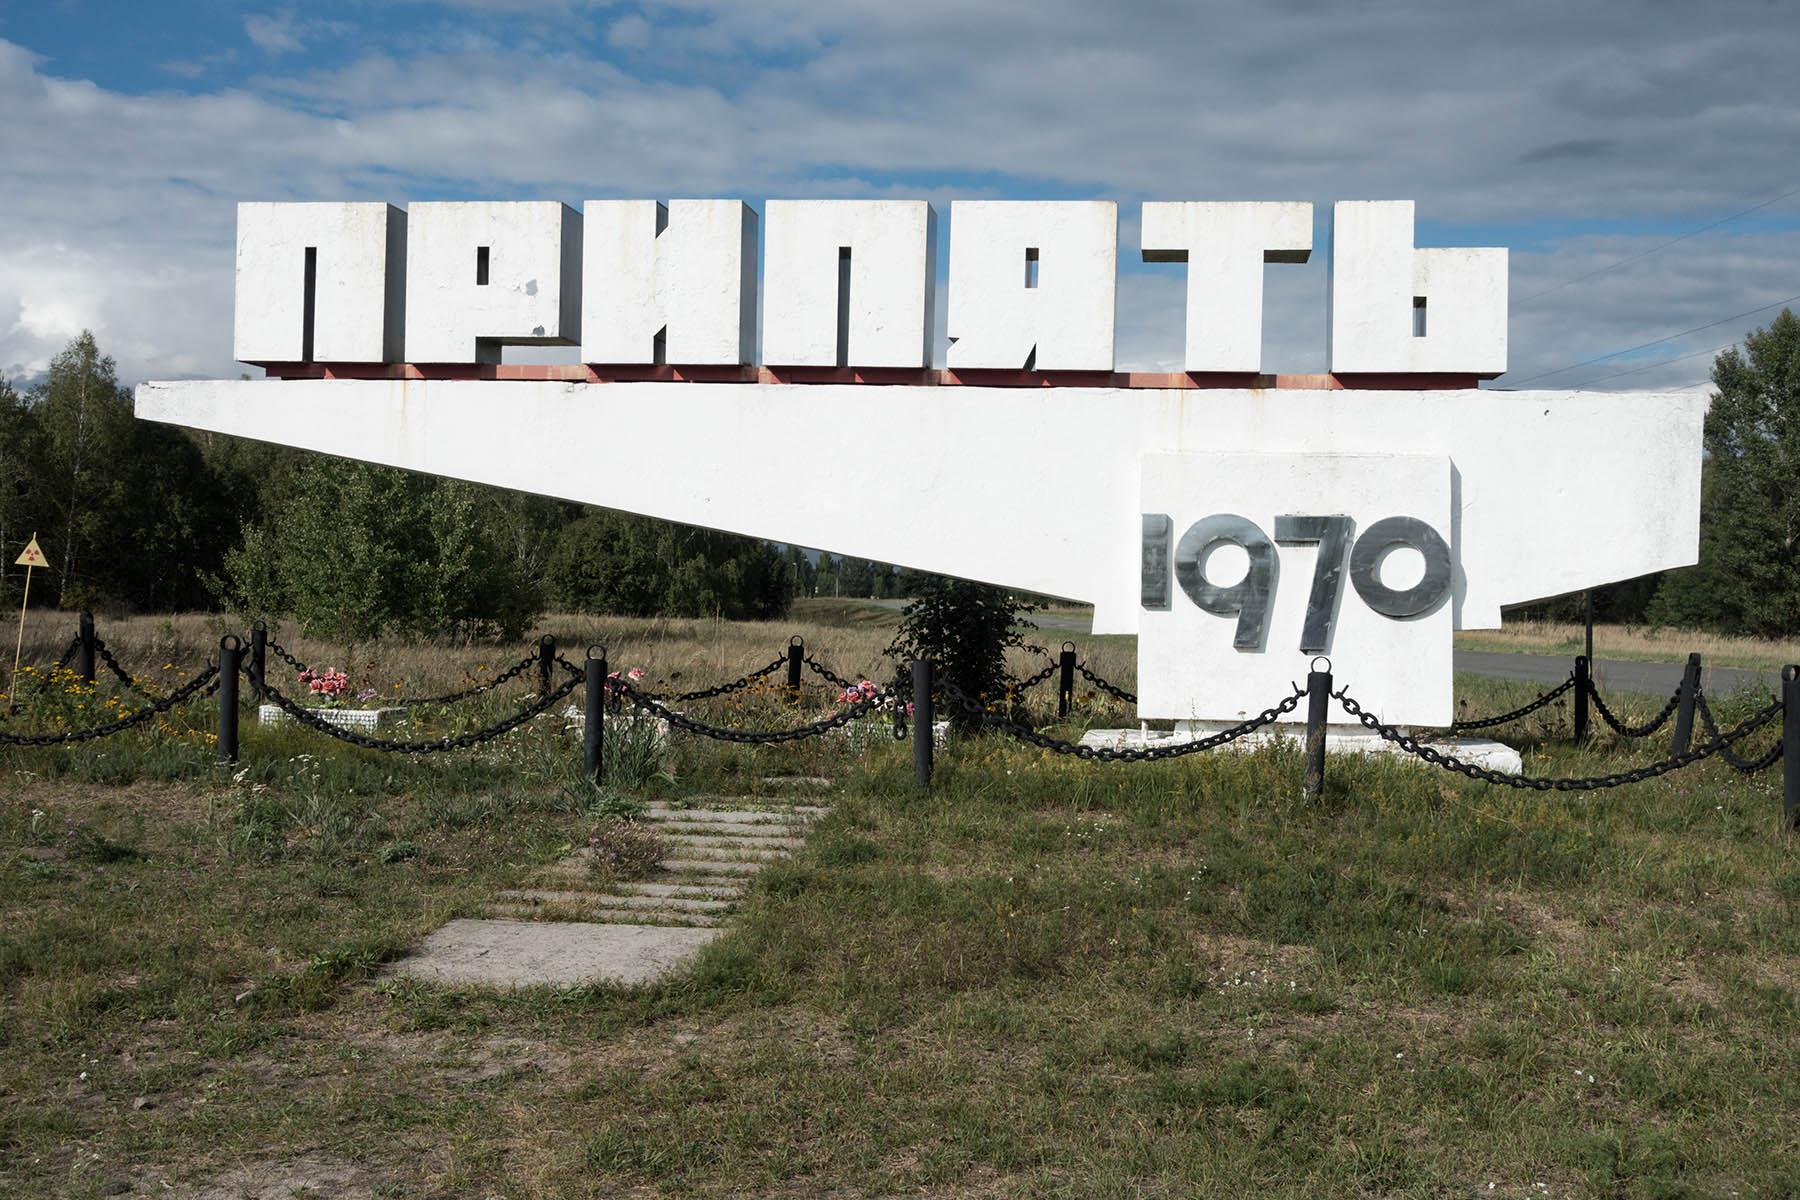 chernobyl_pripyat_21